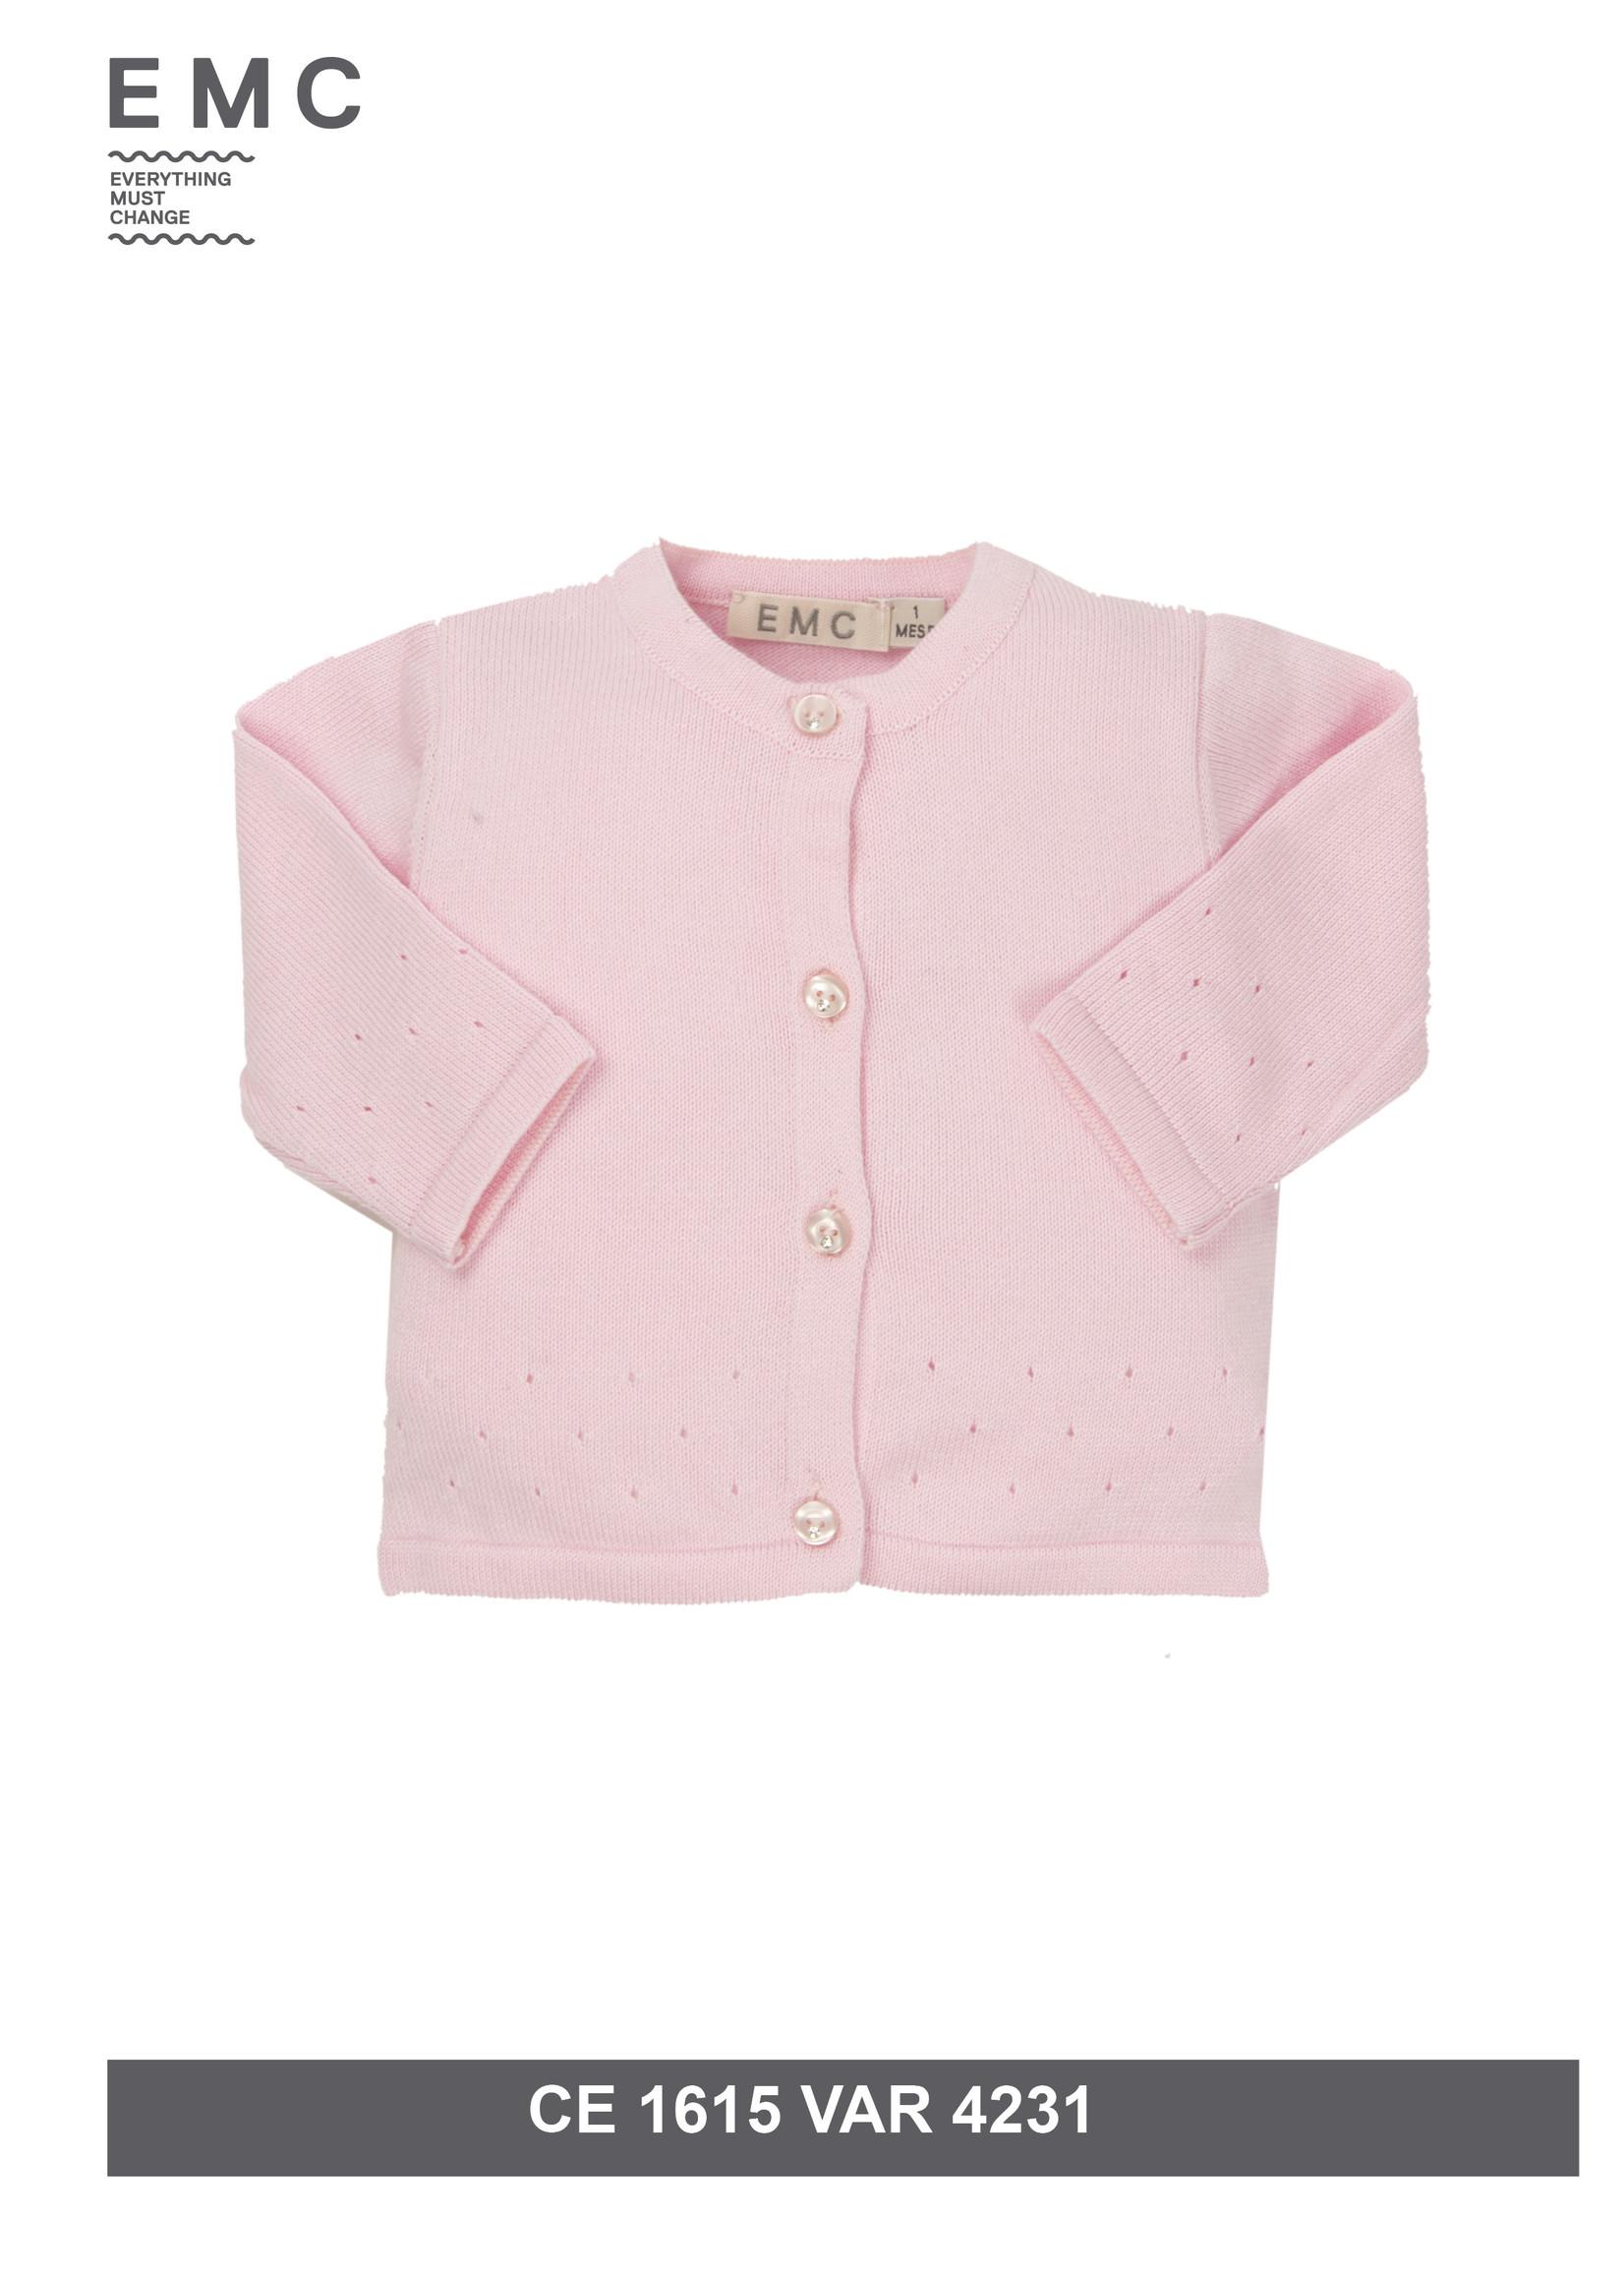 EMC EMC pink cardigan